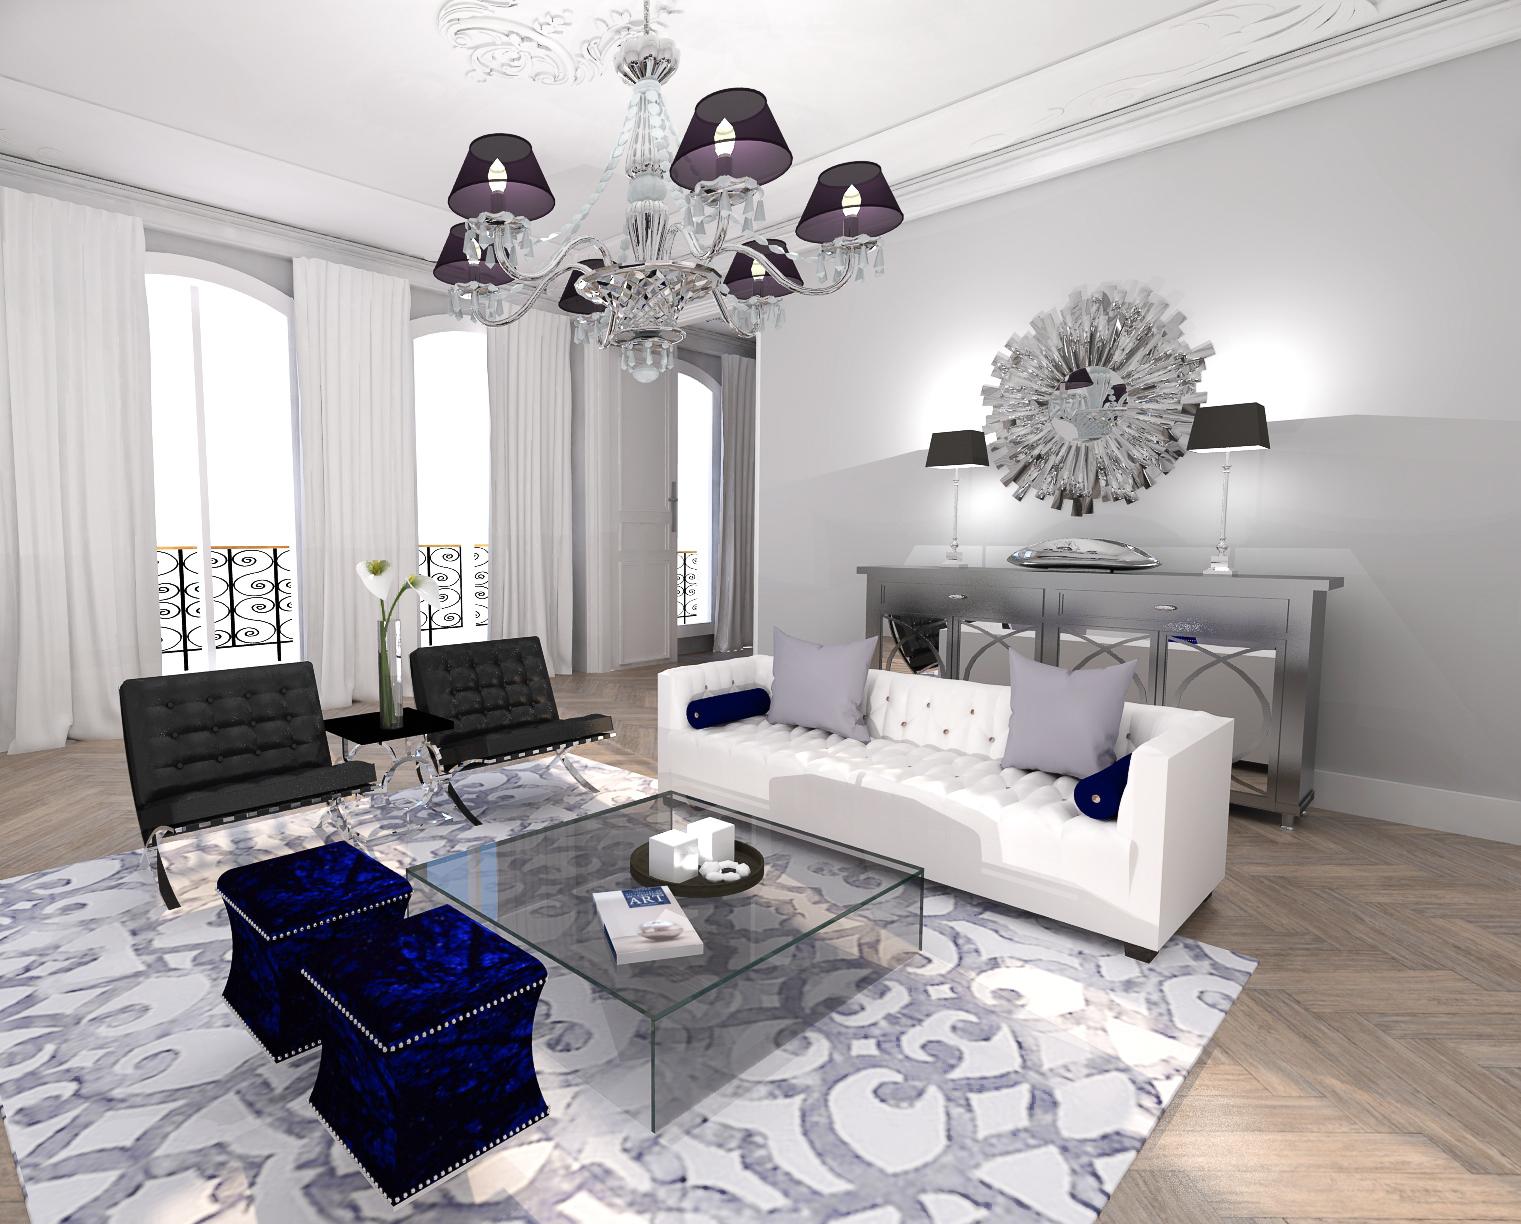 re-vamp_homestaging_visualisierung_pariser_flair_wohnzimmer_nachher.jpg